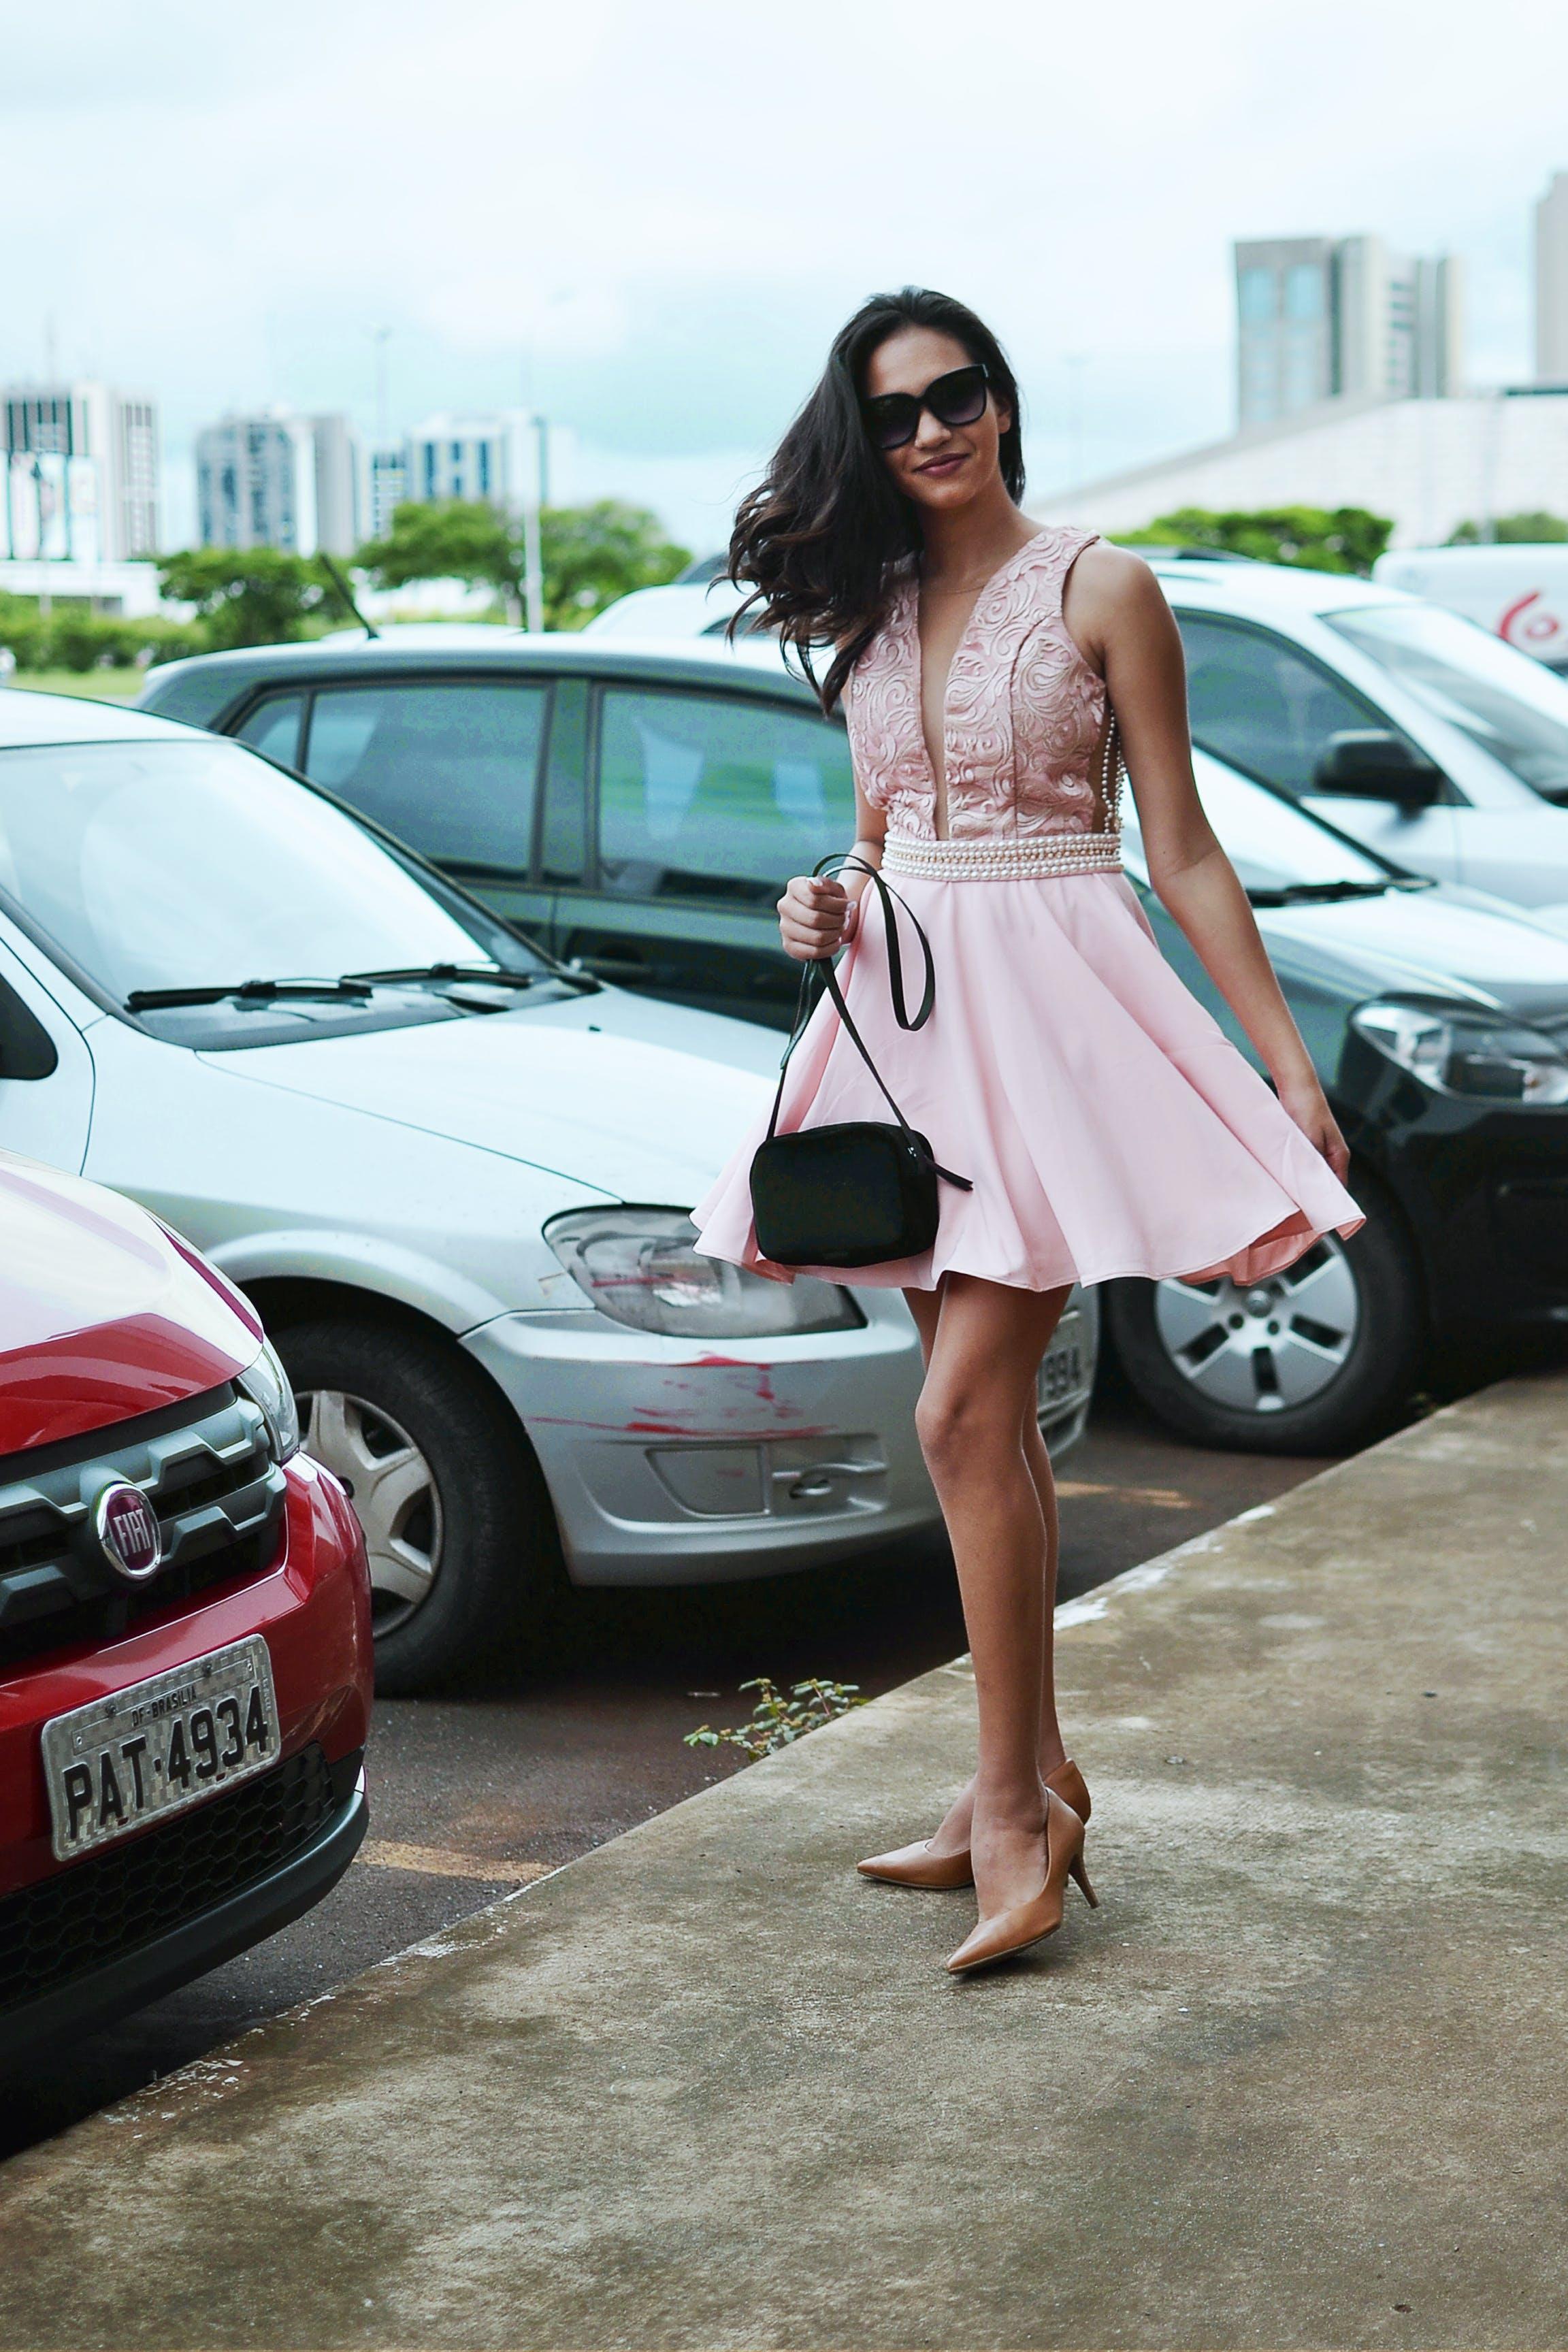 Woman Wearing Pink Sleeveless Dress Holding Black Bag